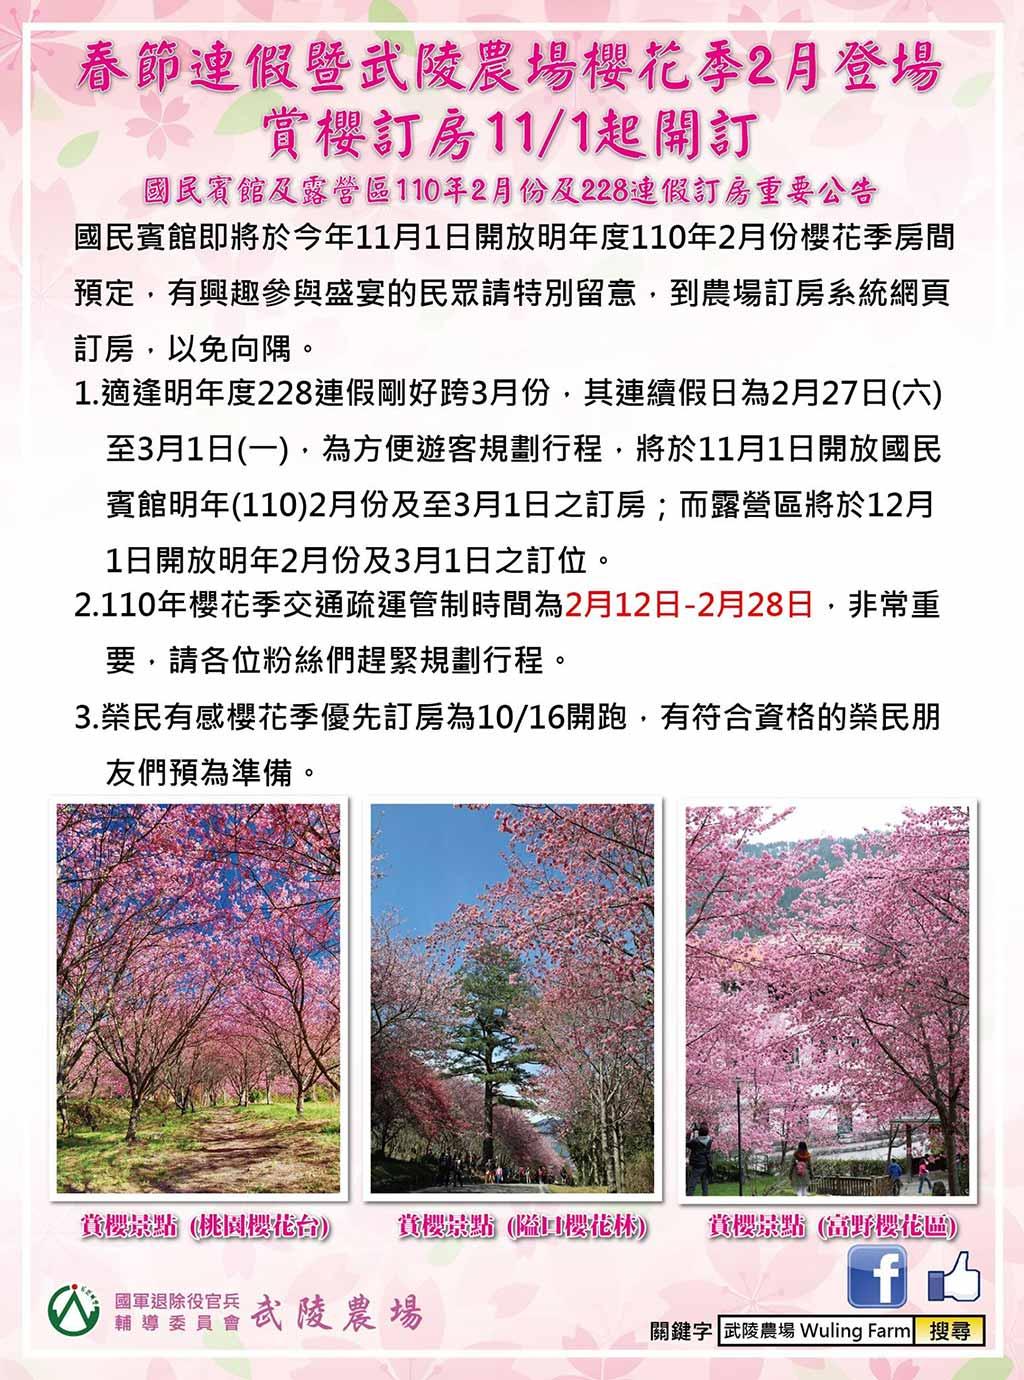 2021-武陵農場 住宿